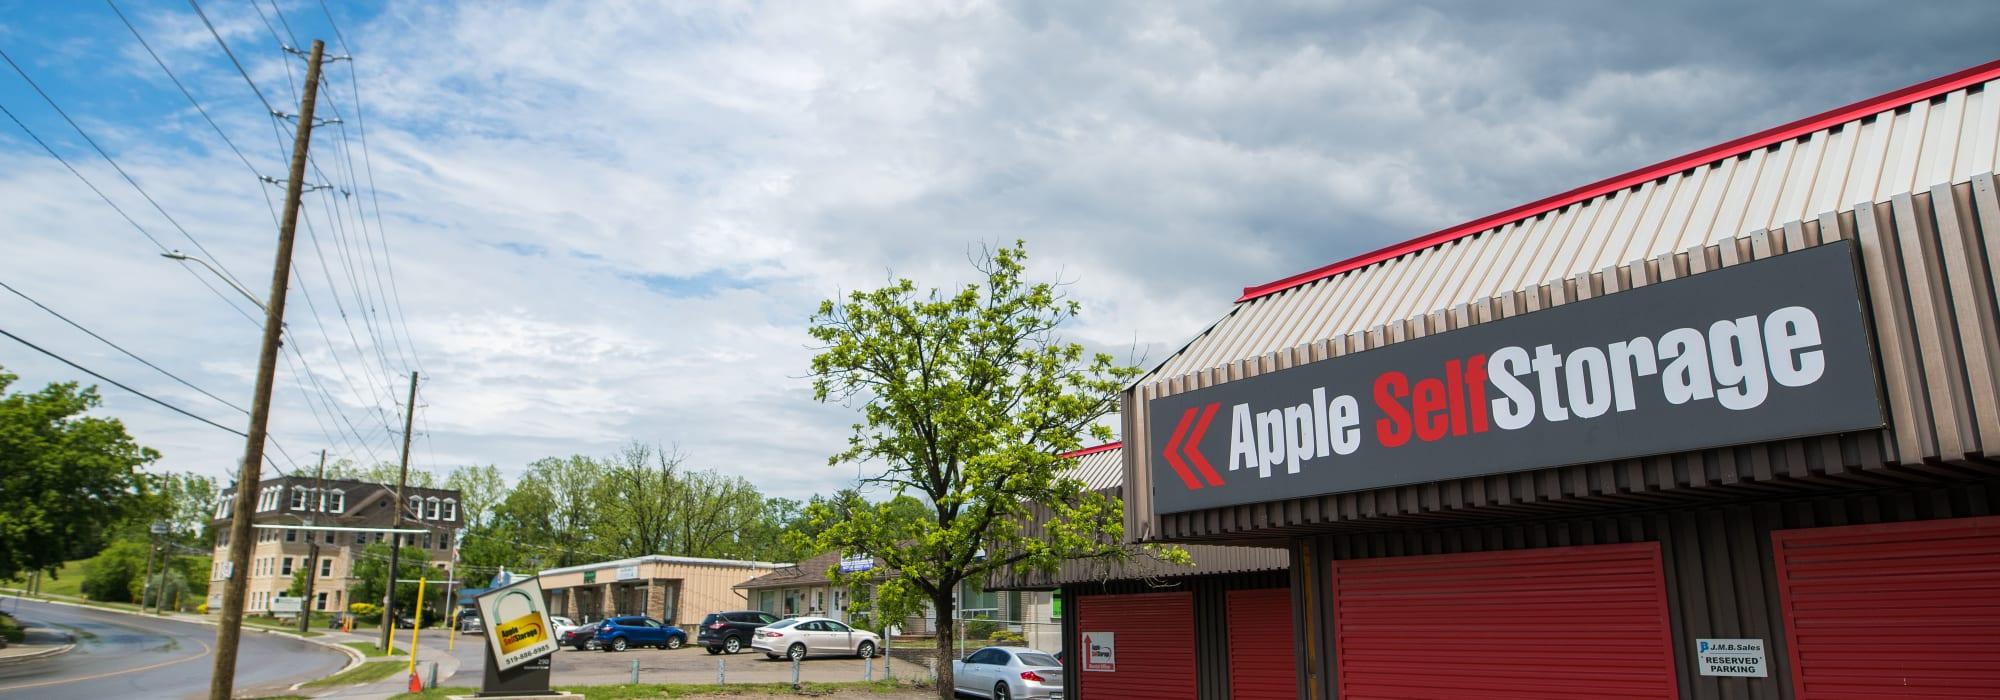 Apple Self Storage - Waterloo in Waterloo, Ontario